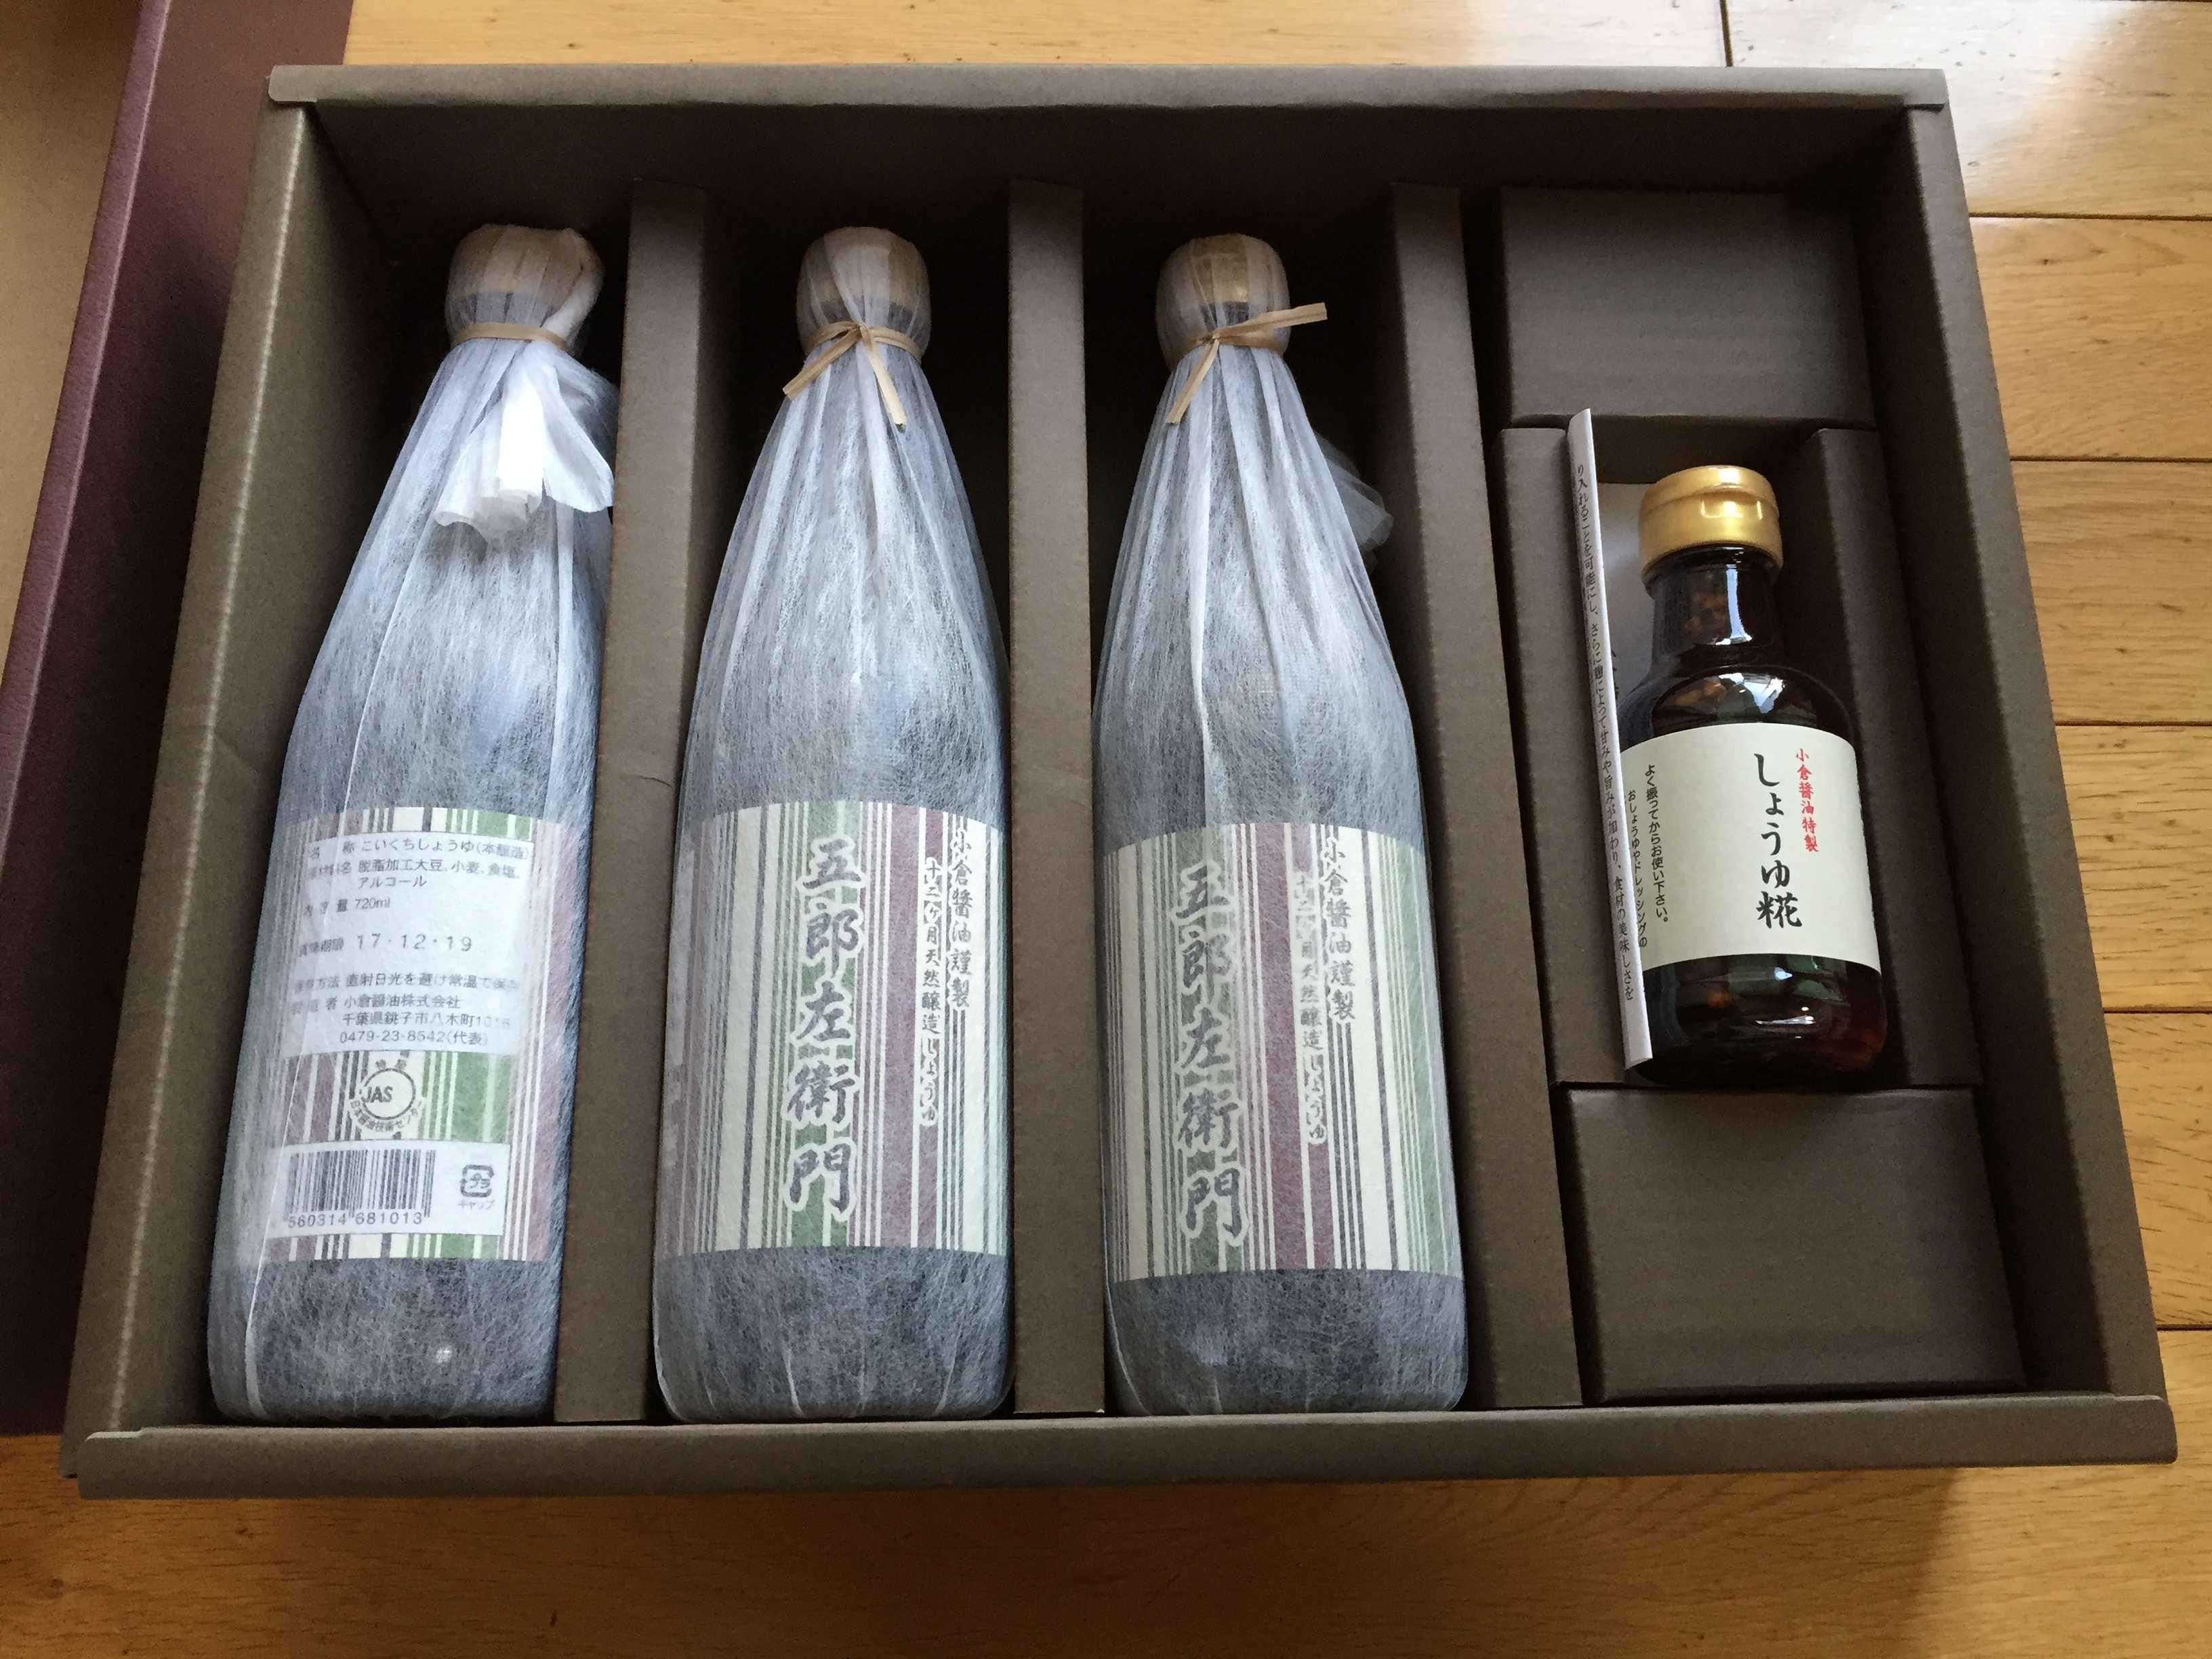 天然醸造醤油の「五郎左衛門」 と「しょうゆ糀(醤油麹)」のセット